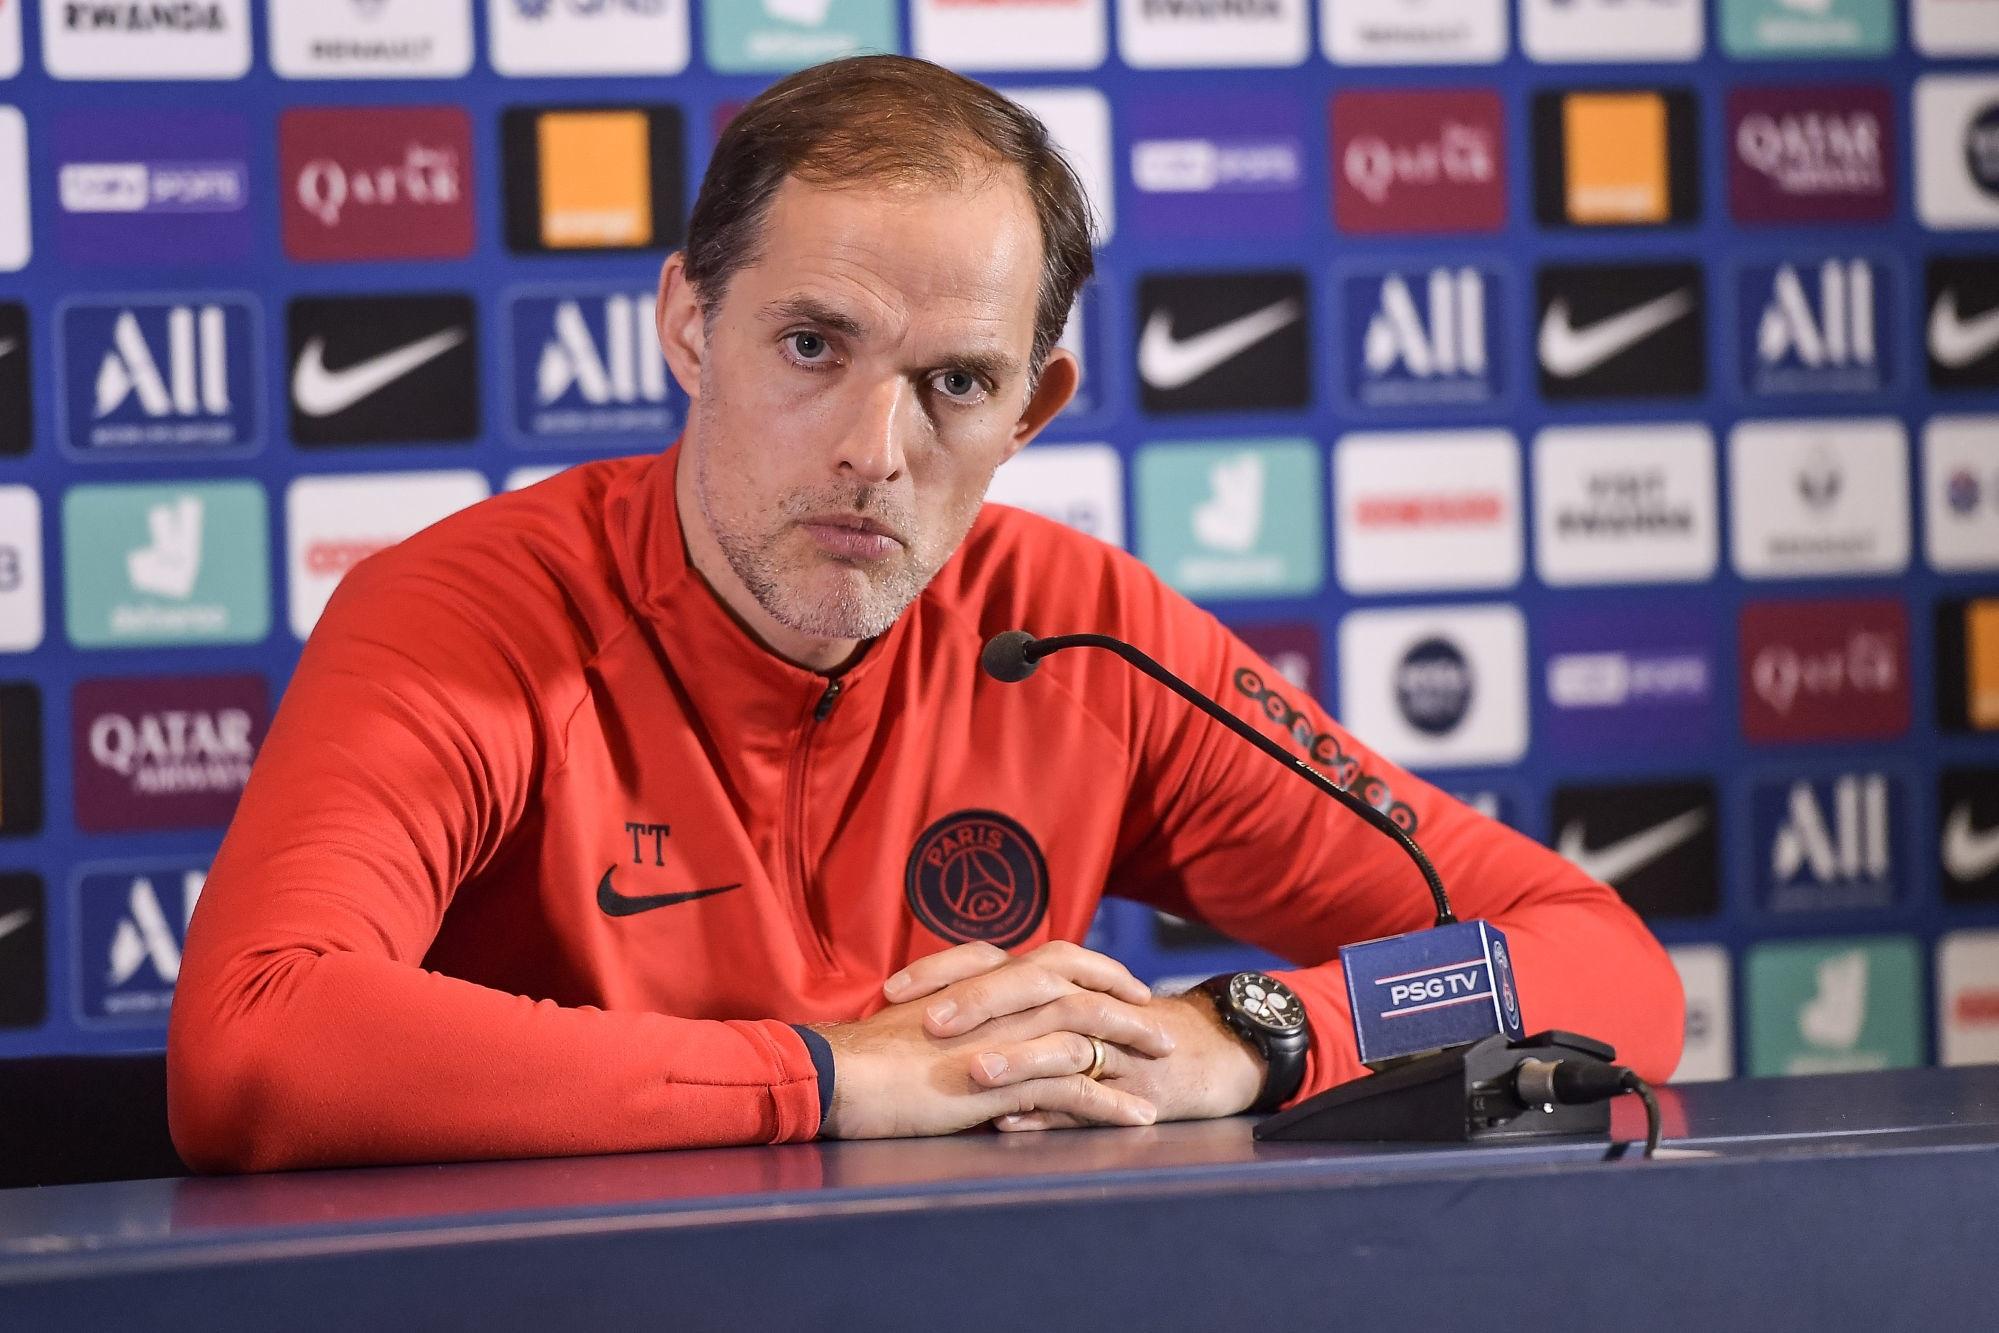 PSG/Dijon - Tuchel annonce 6 forfaits et des incertitudes pour Navas et Florenzi